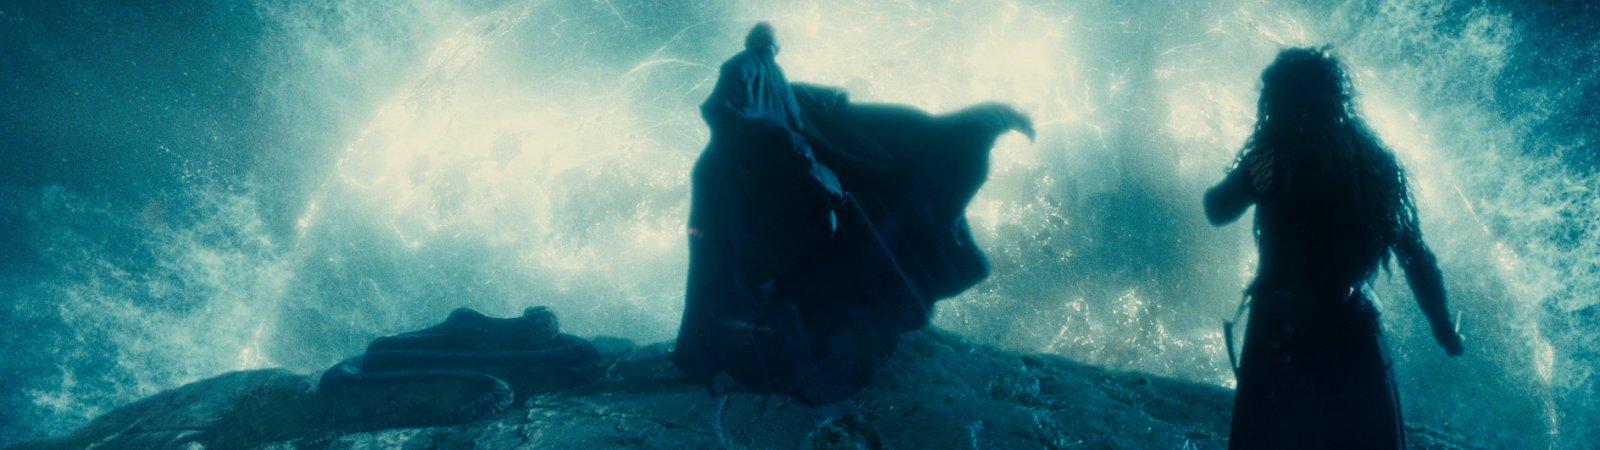 Photo du film : Harry Potter et les reliques de la mort - Partie 2